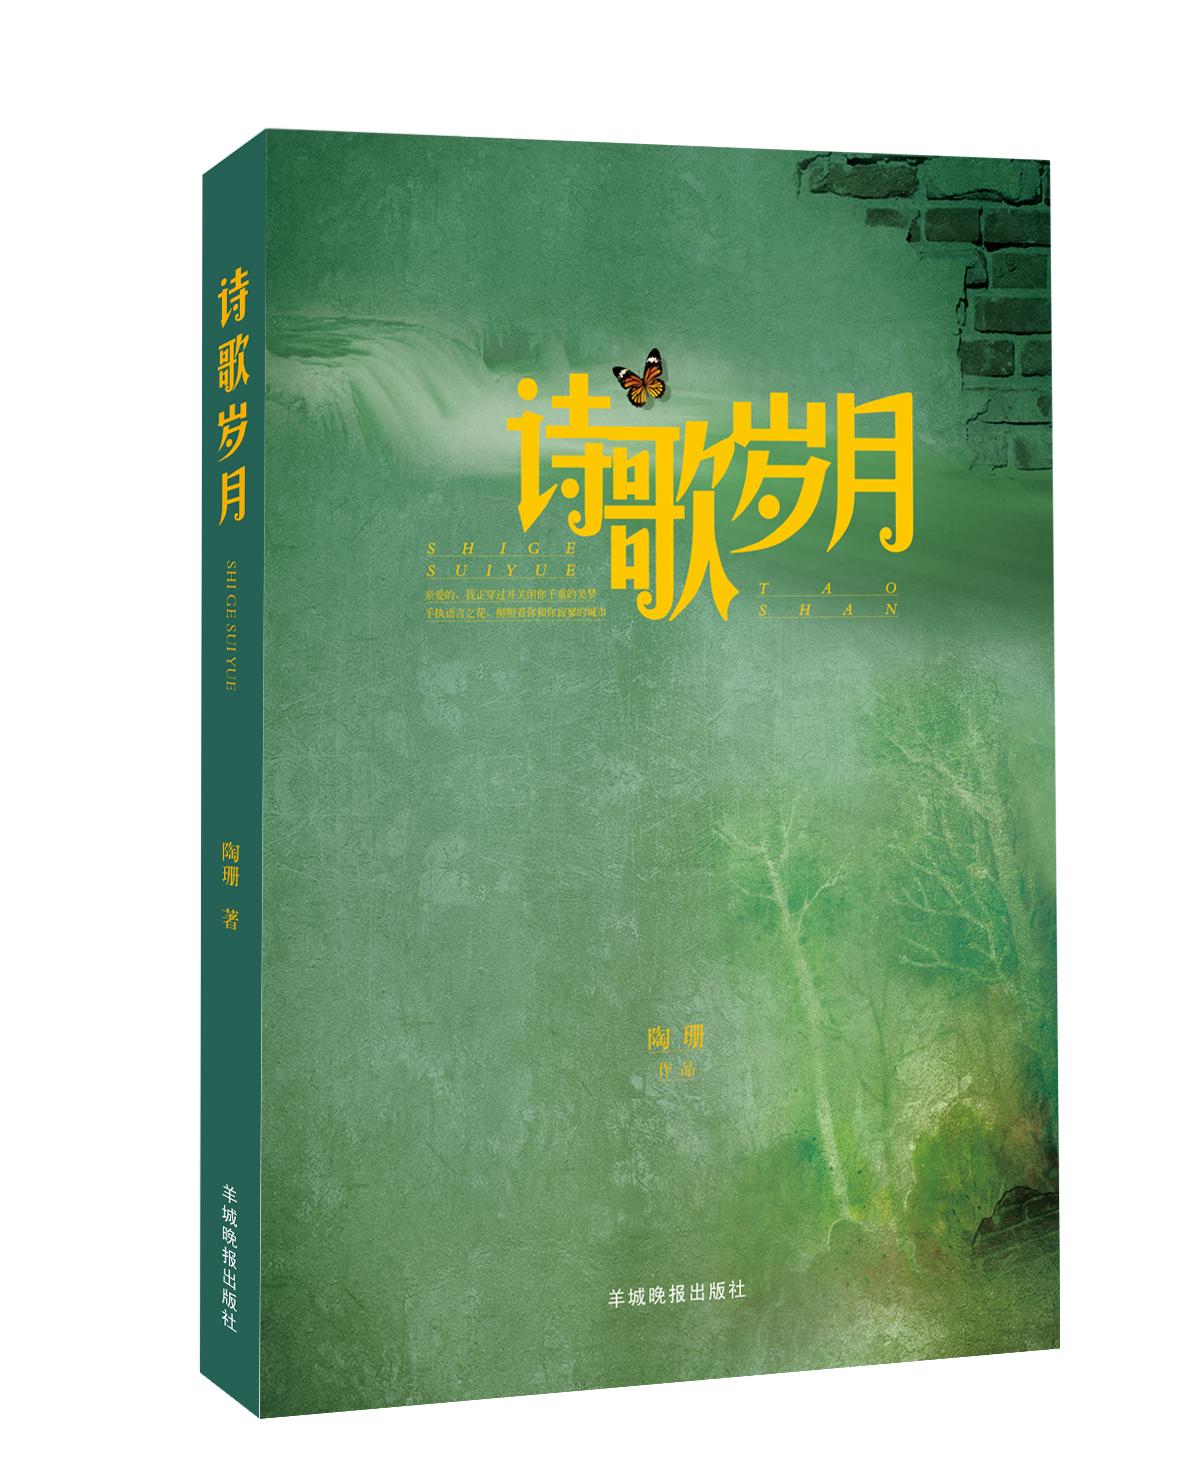 张晓林:《诗歌岁月》与中国诗歌的集体记忆